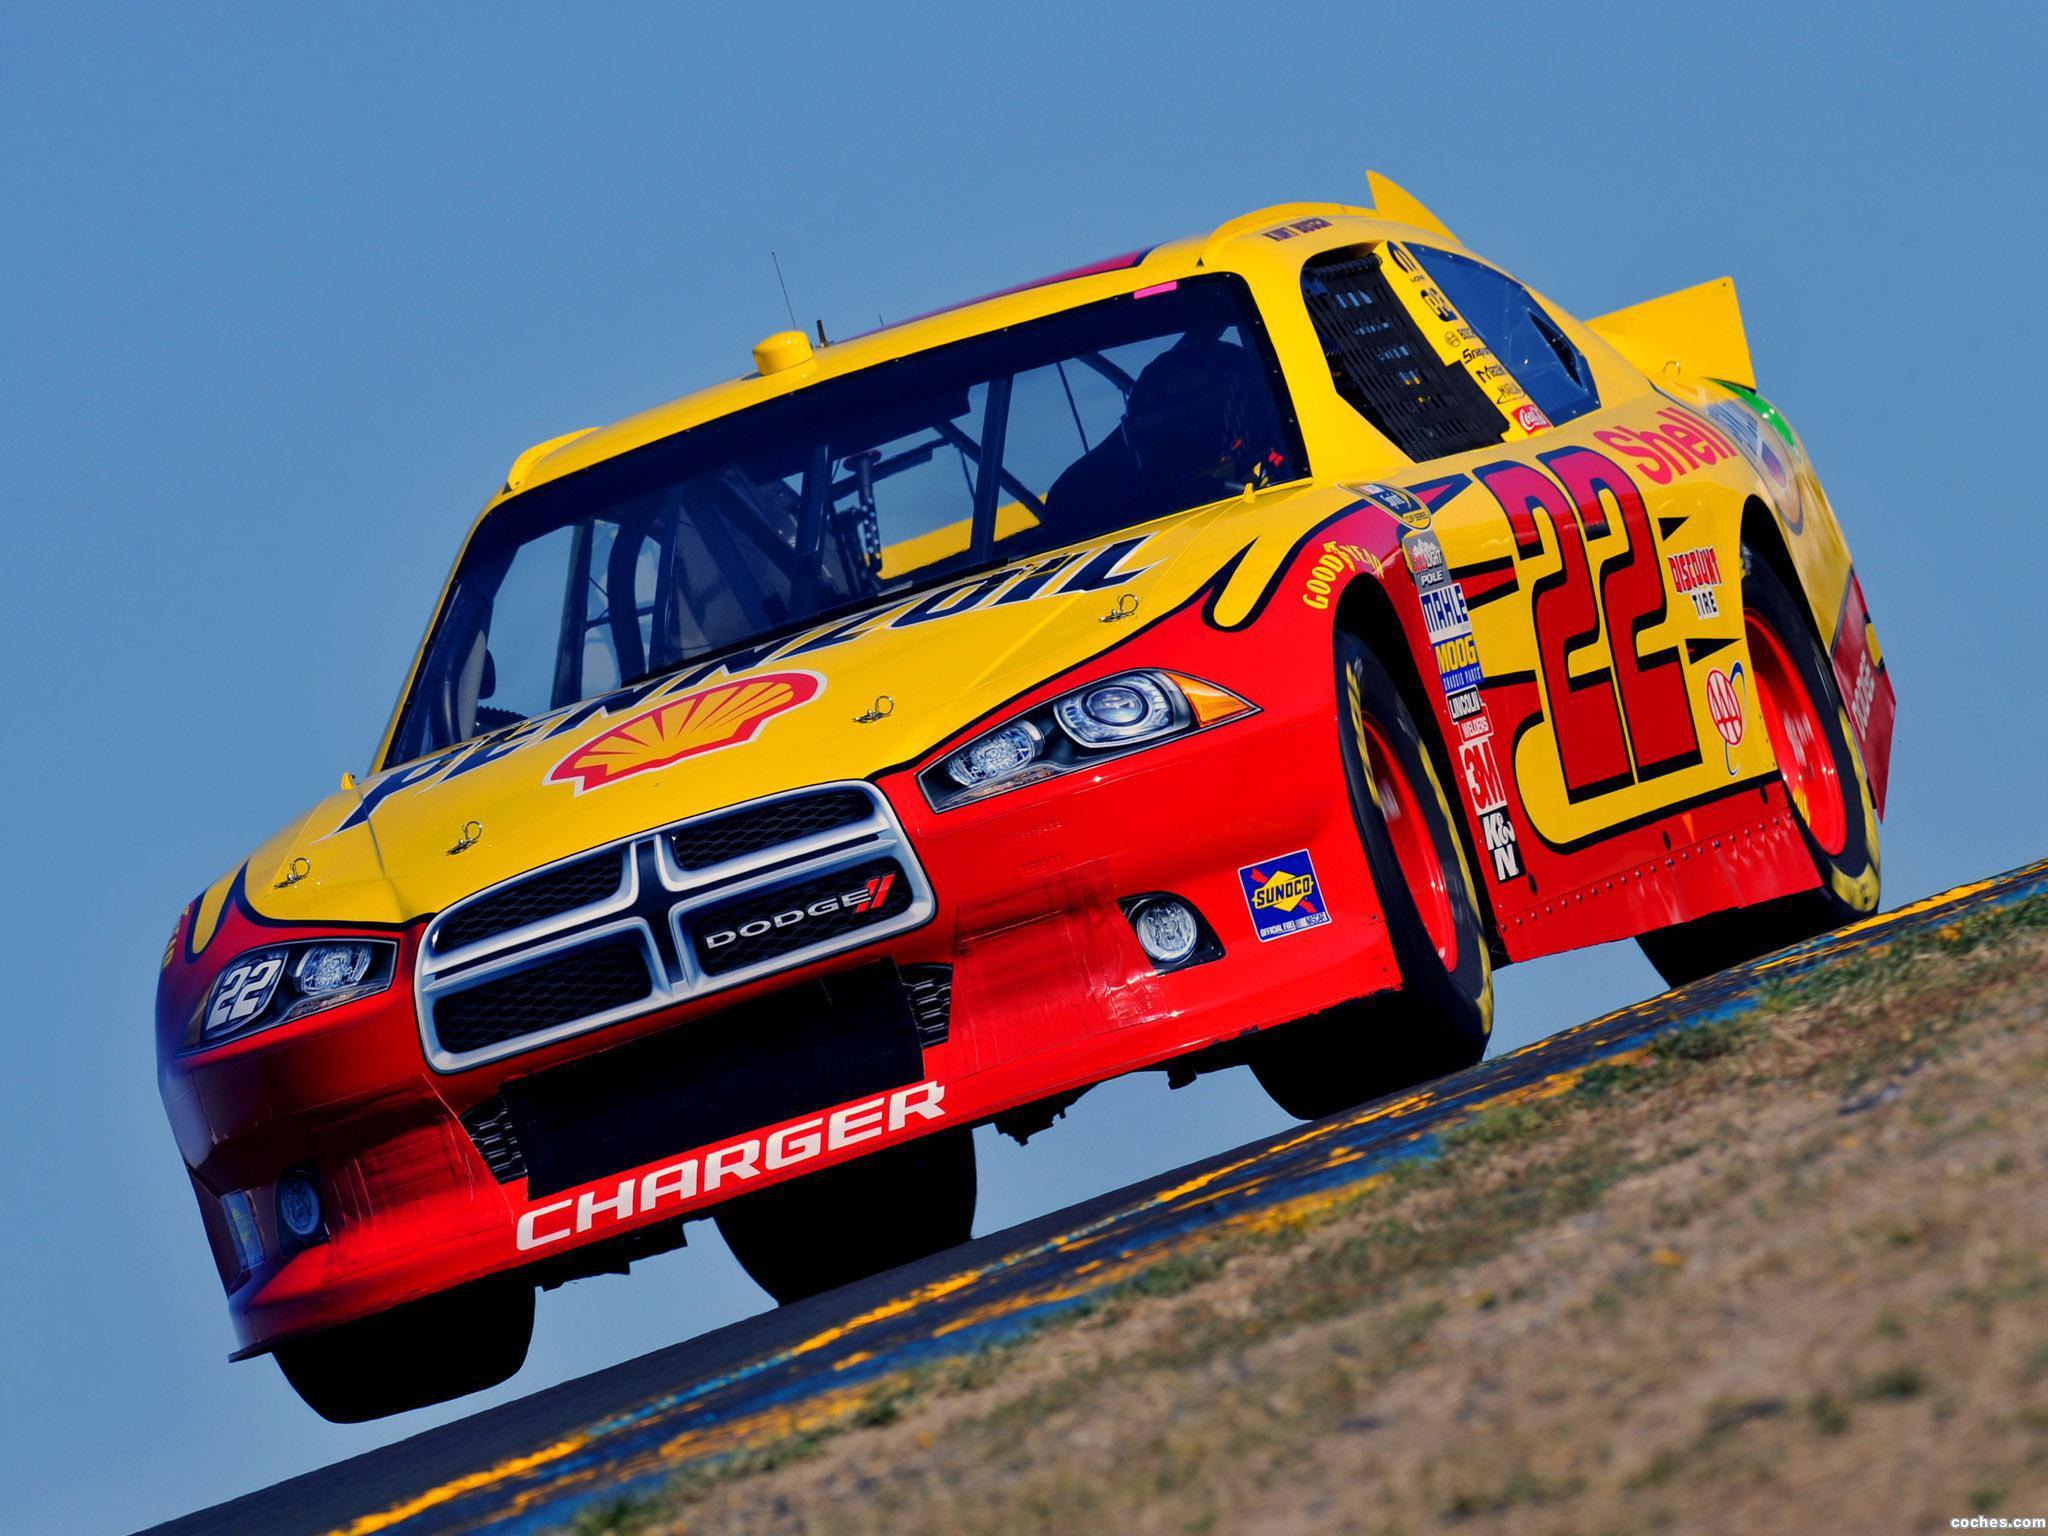 Foto 0 de Dodge Charger NASCAR Sprint Cup Series Race Car 2011